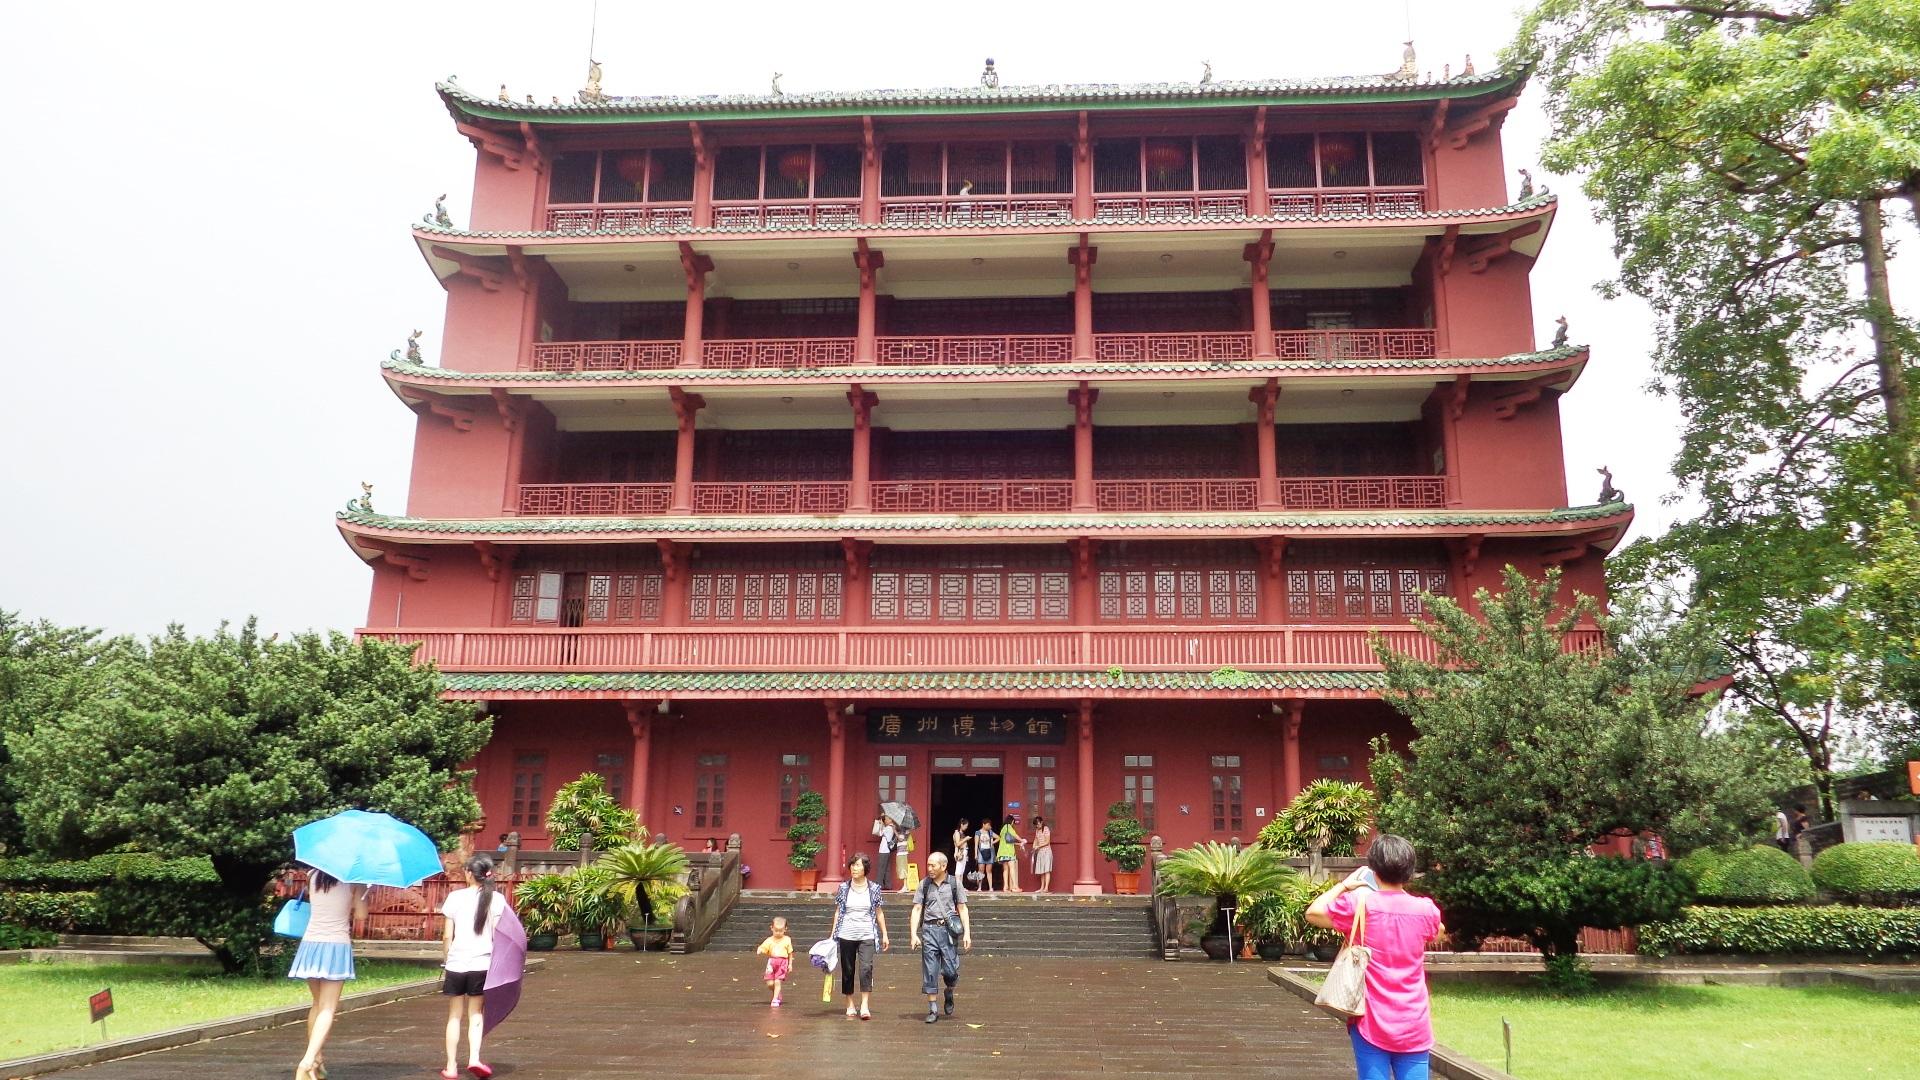 14th century Zhenai Tower, now Guangzhou Museum, Canton, China